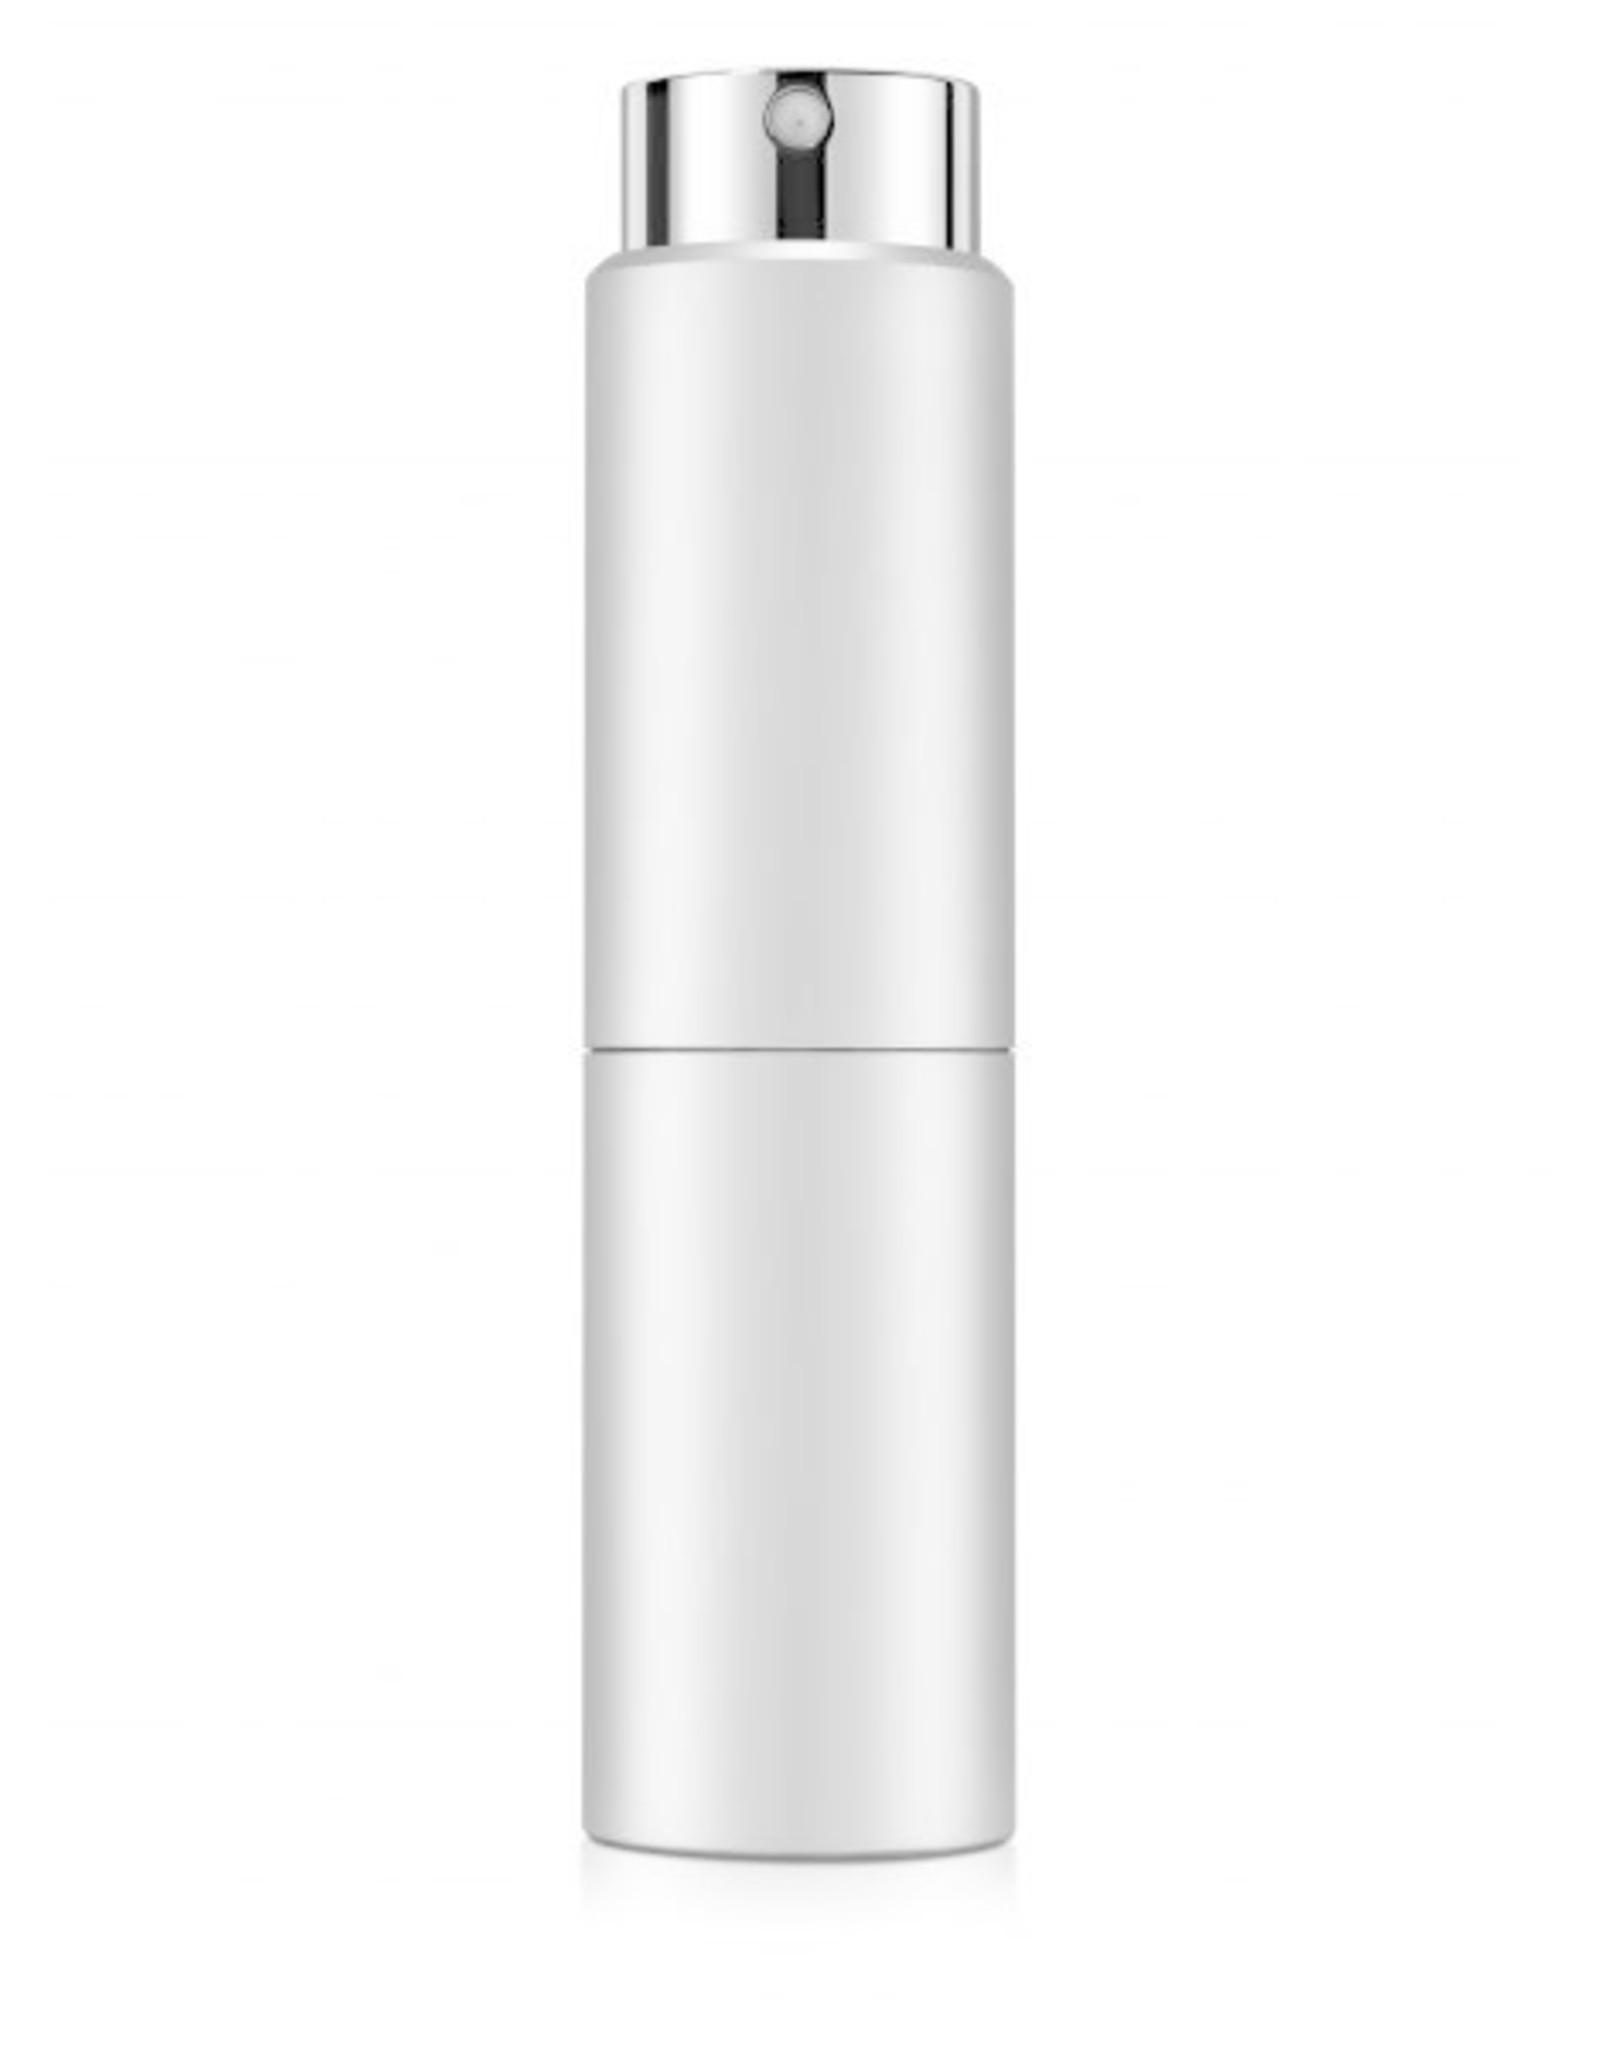 Equivalenza Vaporisateur de Parfum Argenté - 15ml